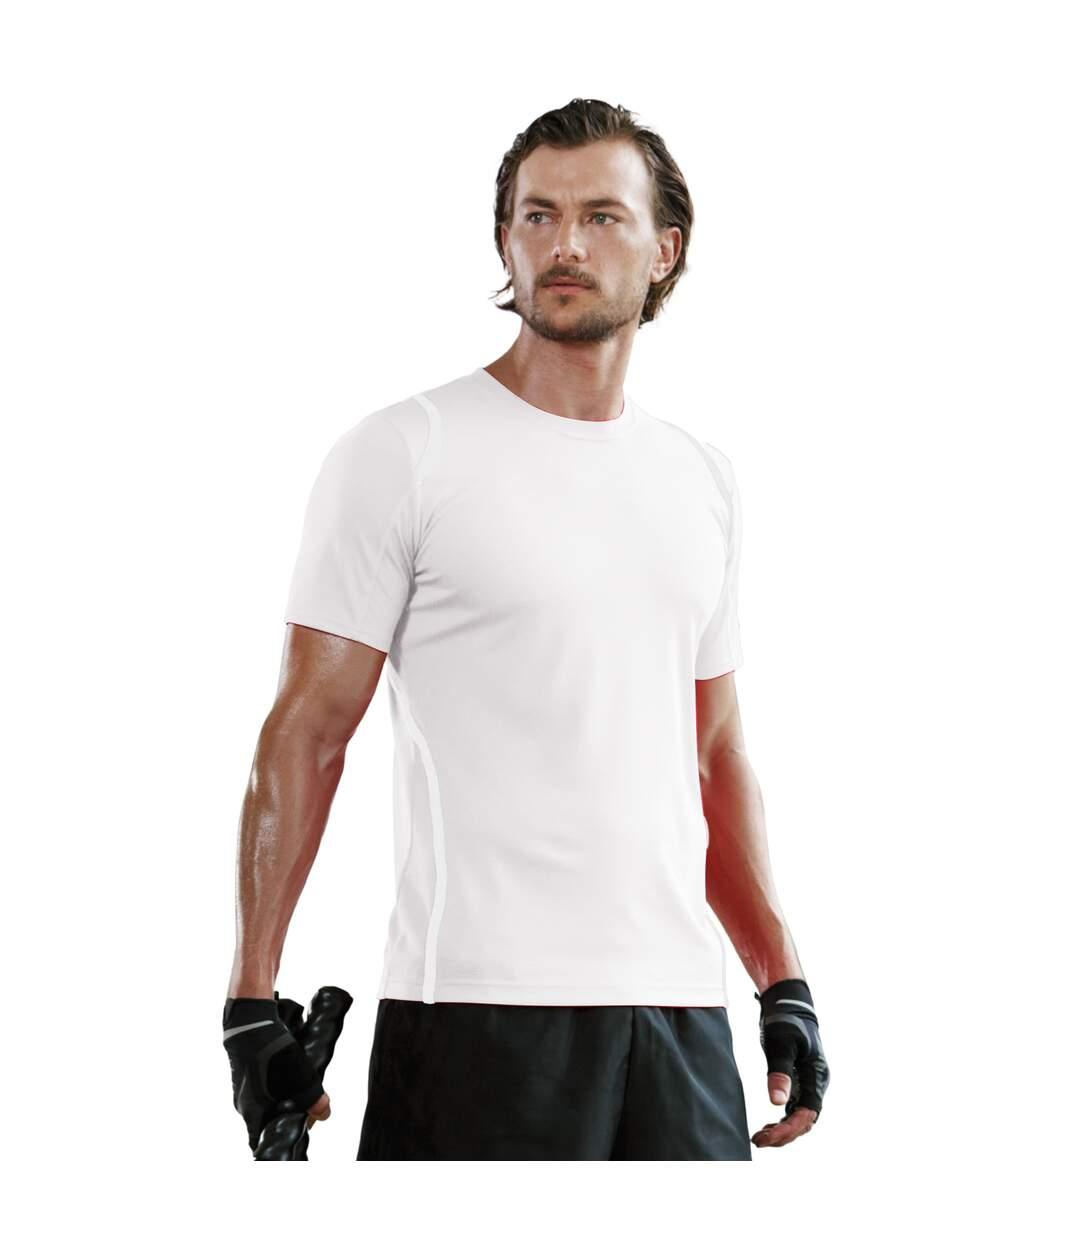 Gamegear® Cooltex® Short Sleeved T-Shirt / Mens Sportswear (Black/Red) - UTBC451